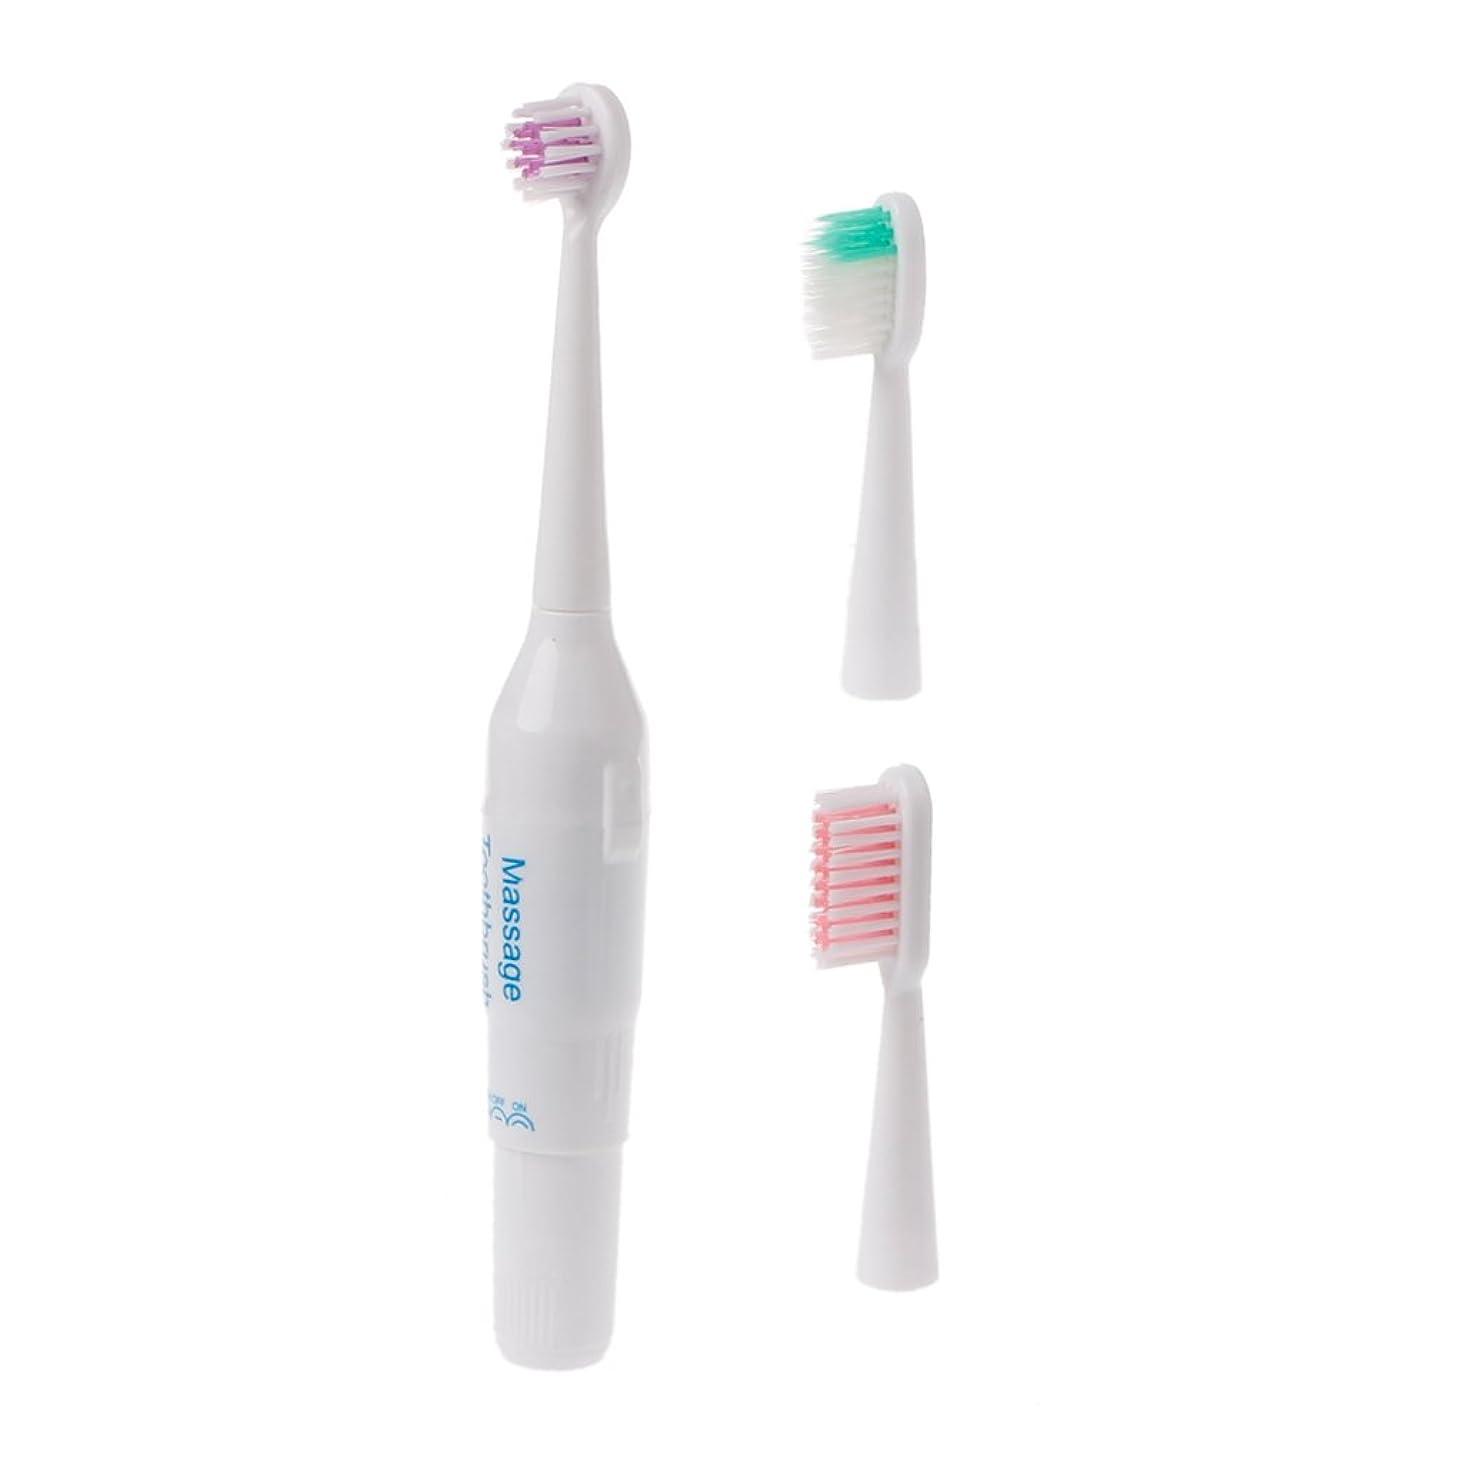 ズボン限定サーカスManyao キッズプロフェッショナル口腔ケアクリーン電気歯ブラシパワーベビー用歯ブラシ